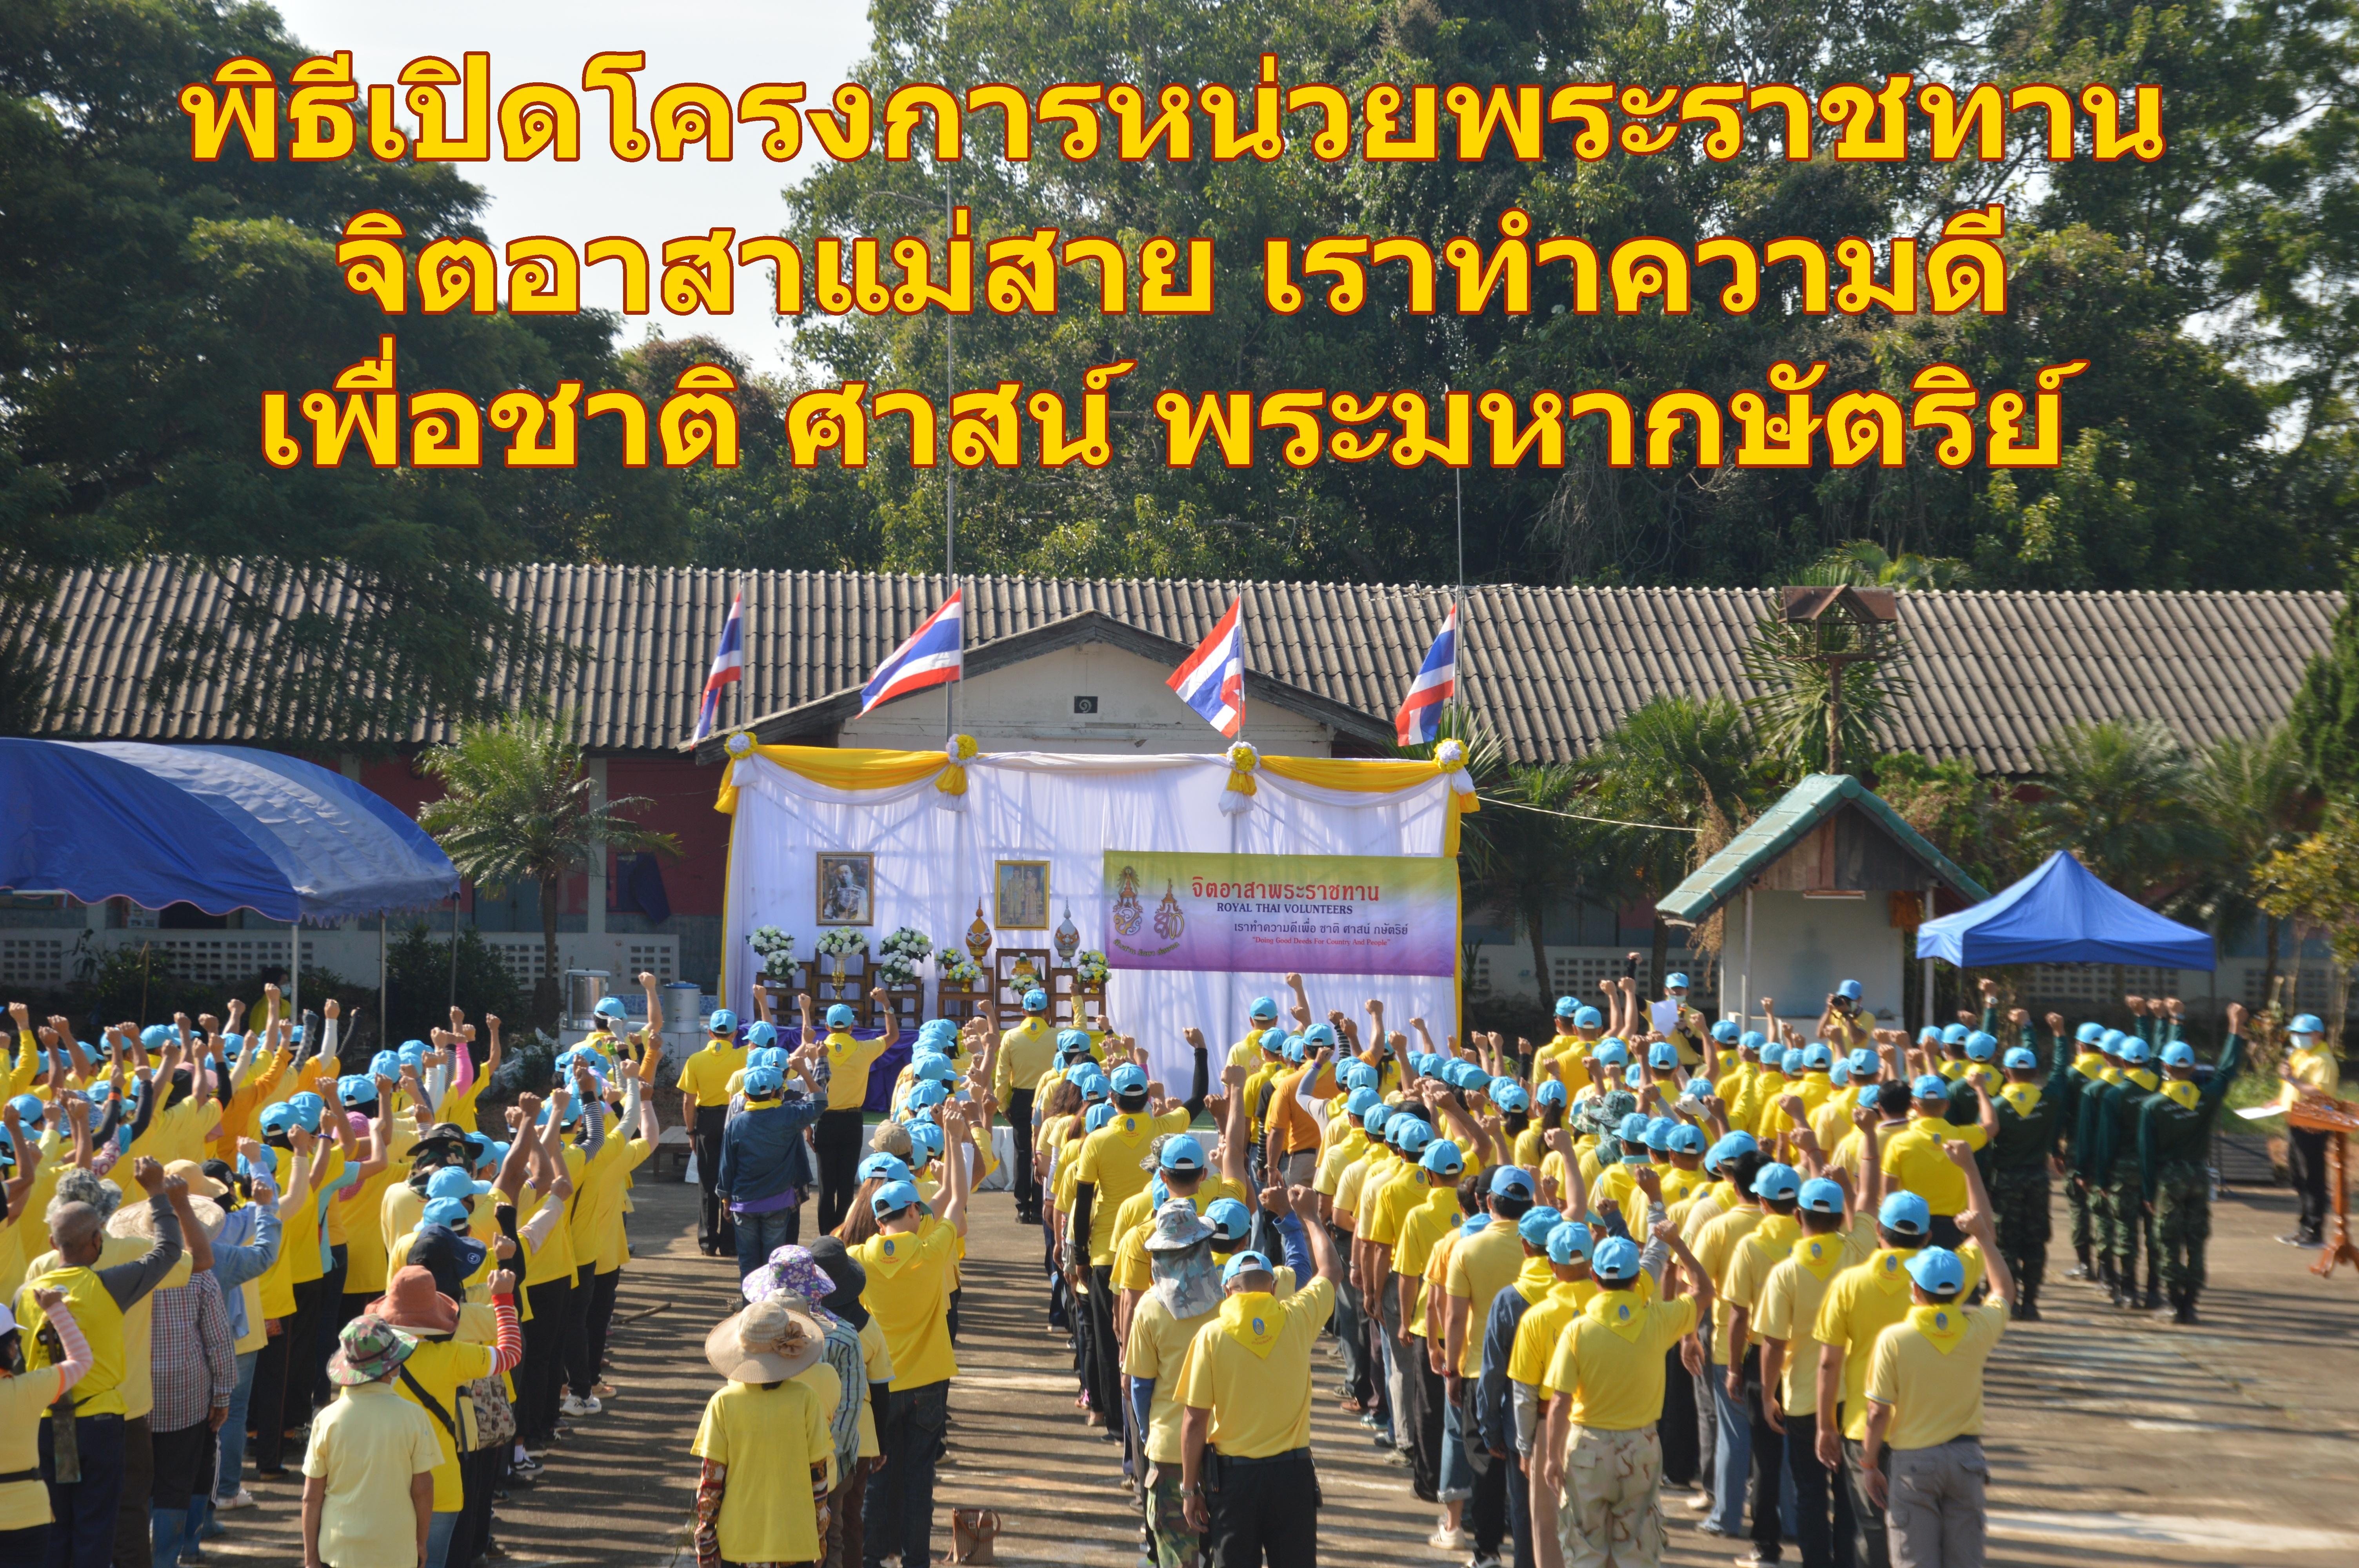 (คลิป) พิธีเปิดโครงการหน่วยพระราชทาน จิตอาสาแม่สาย เราทำความดี เพื่อชาติ ศาสน์พระมหากษัตริย์